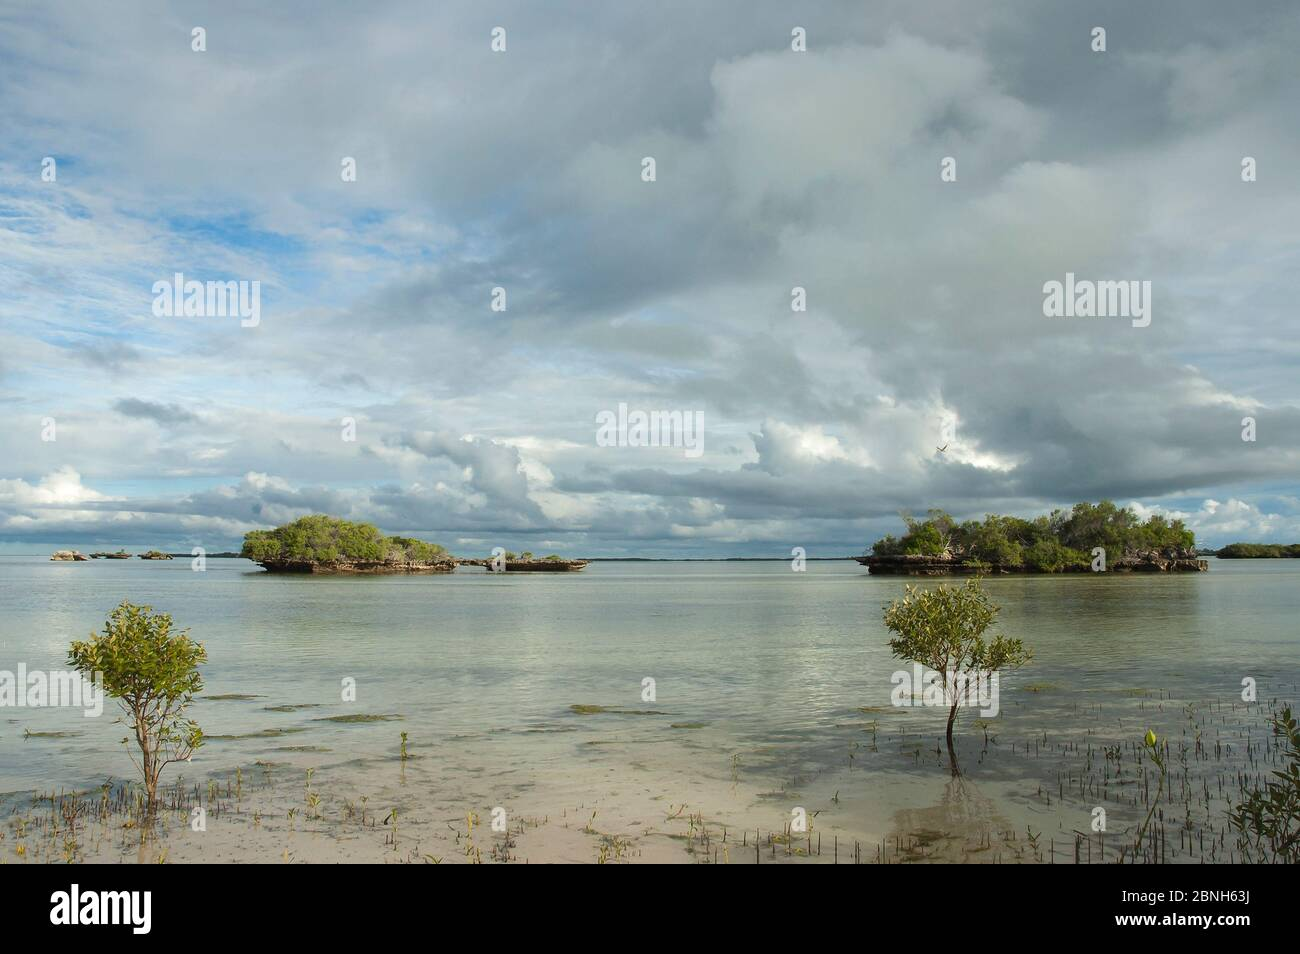 Le lagon d'Aldabra avec «champignons de corail et des mangroves à marée basse, Site du patrimoine mondial naturel d'Aldabra, 2006 Banque D'Images